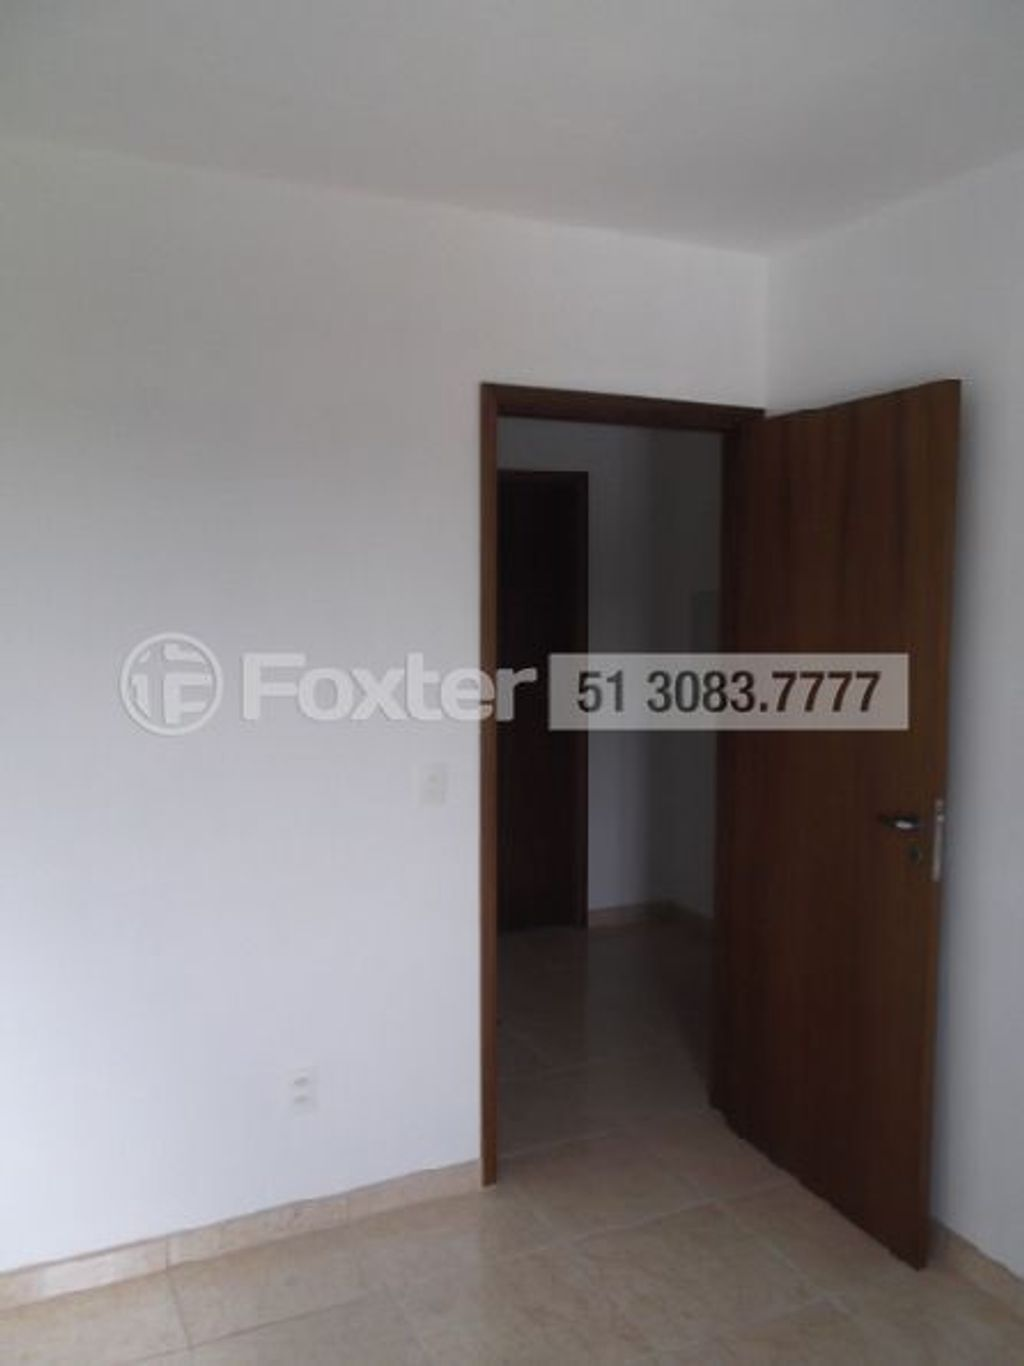 Foxter Imobiliária - Casa 3 Dorm, Espírito Santo - Foto 14